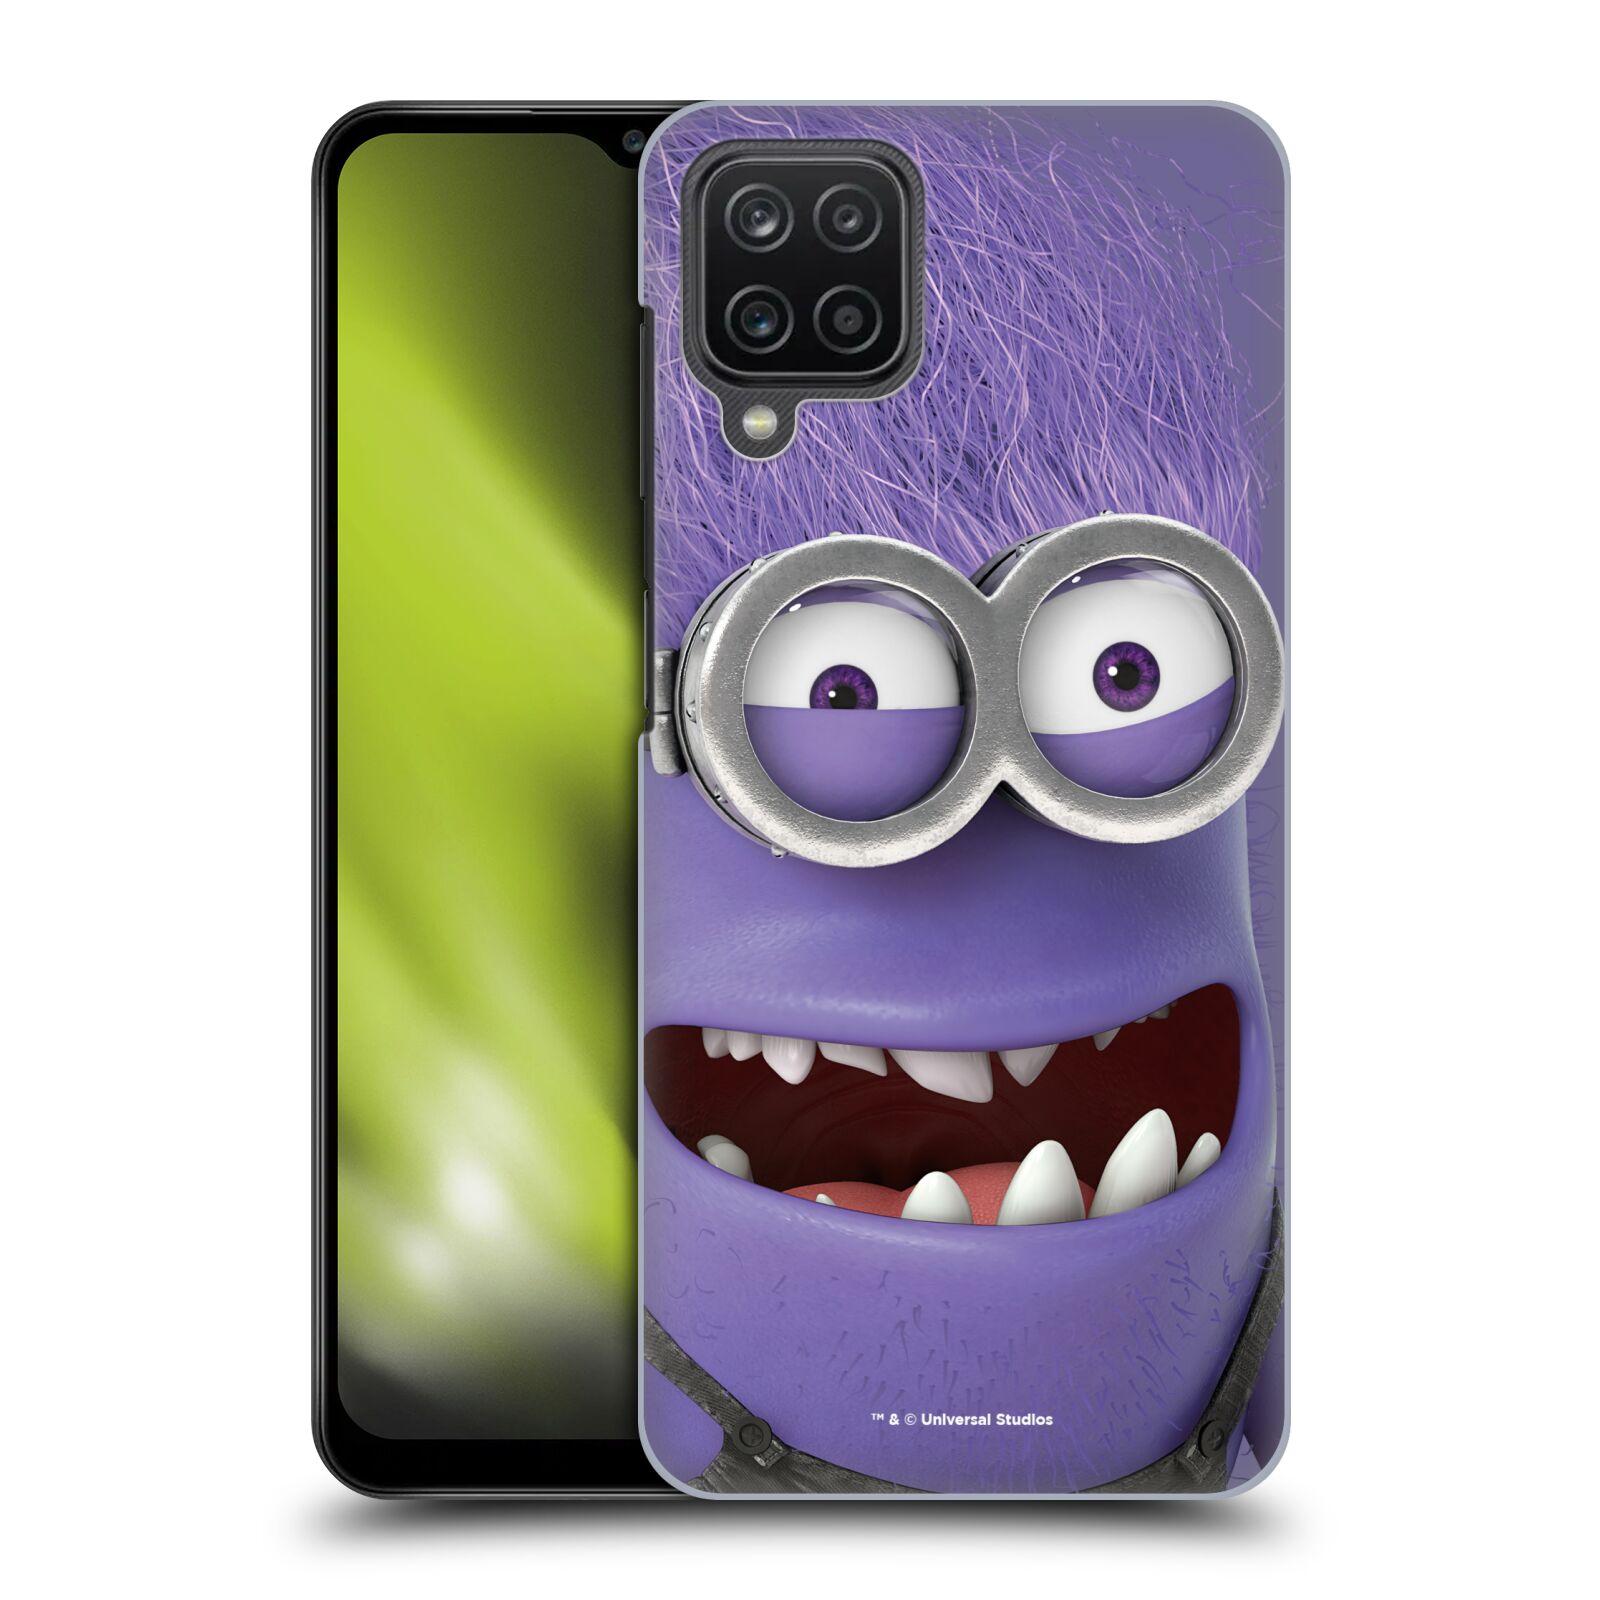 Plastové pouzdro na mobil Samsung Galaxy A12 - Head Case - Zlý Mimoň z filmu Já, padouch - Despicable Me